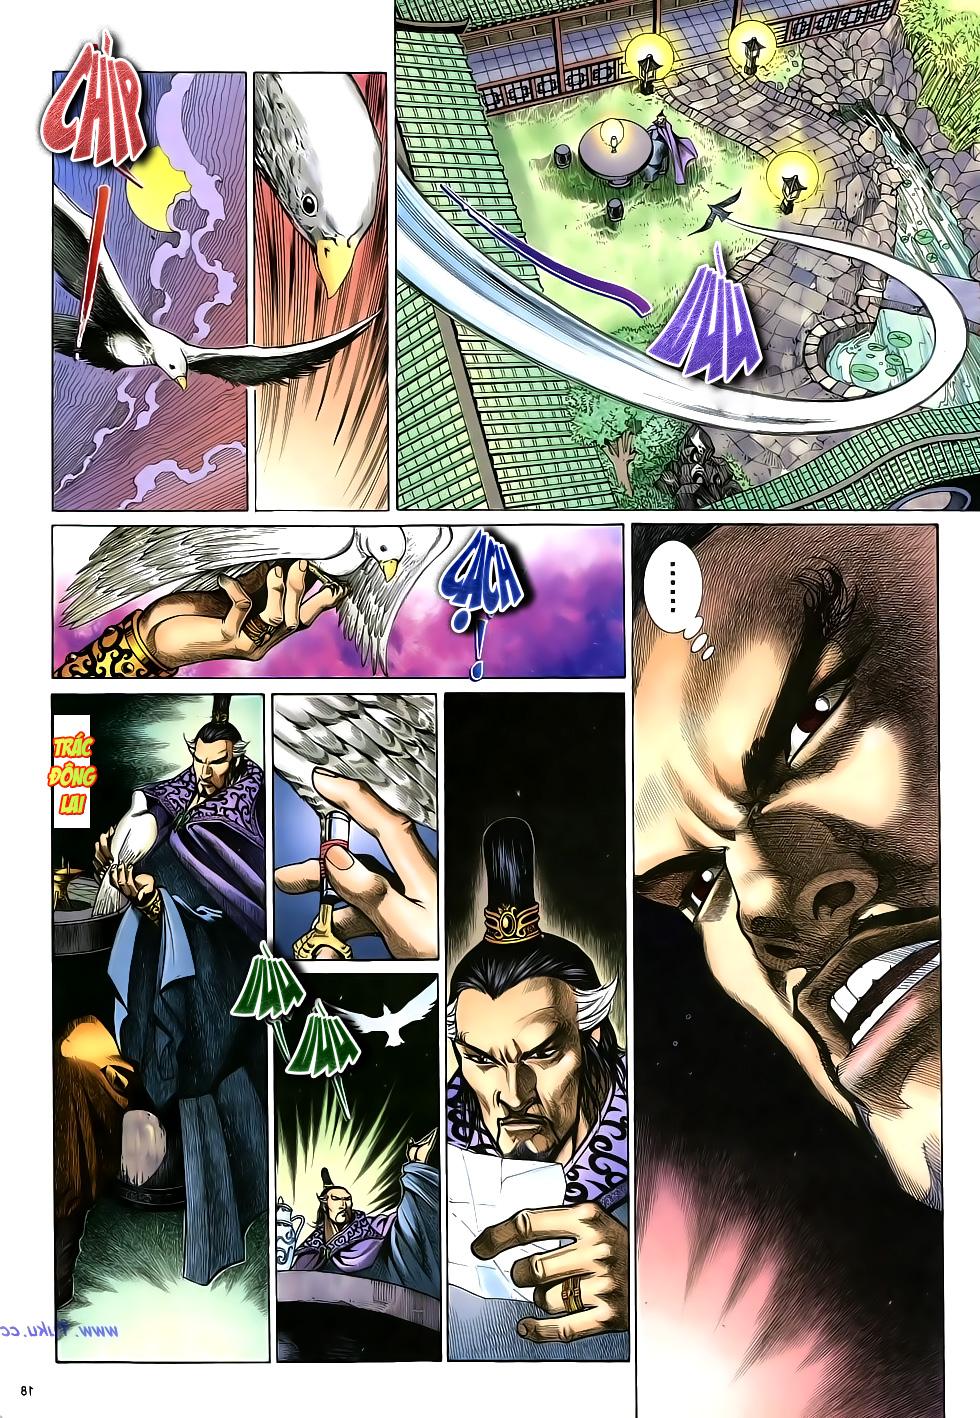 Anh hùng vô lệ Chap 16: Kiếm túy sư cuồng bất lưu đấu  trang 19